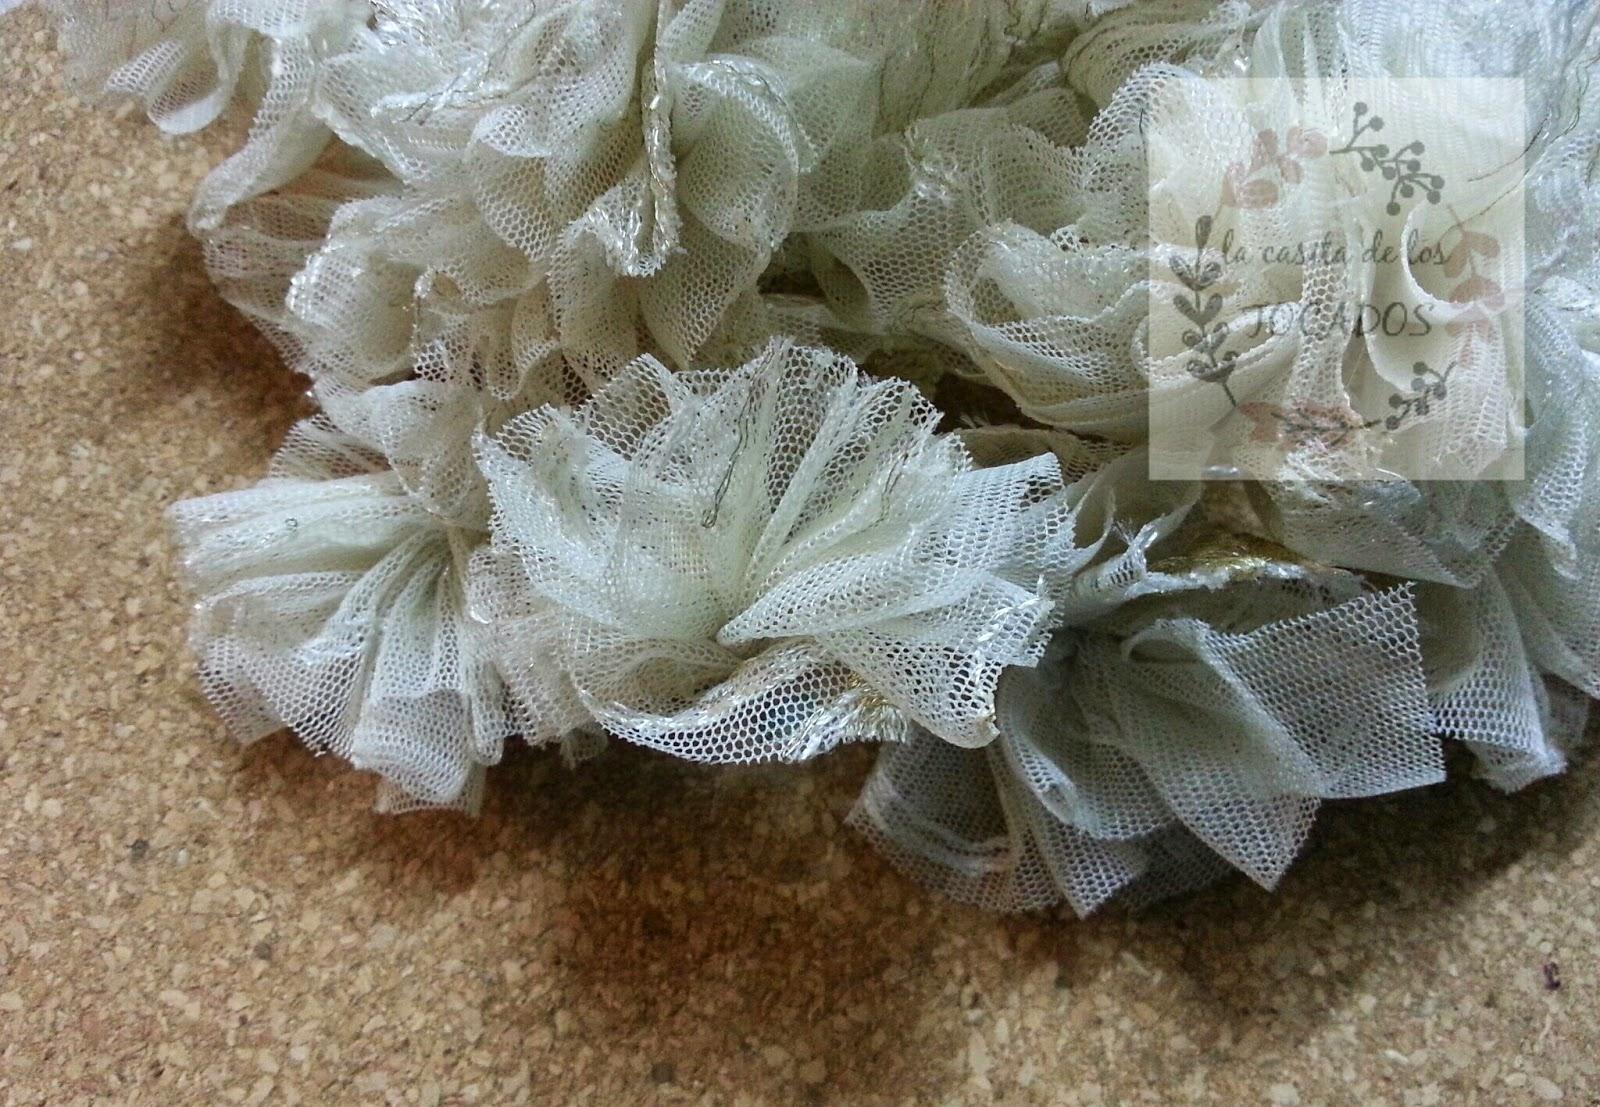 flores de tul para ramo vintage artesanal